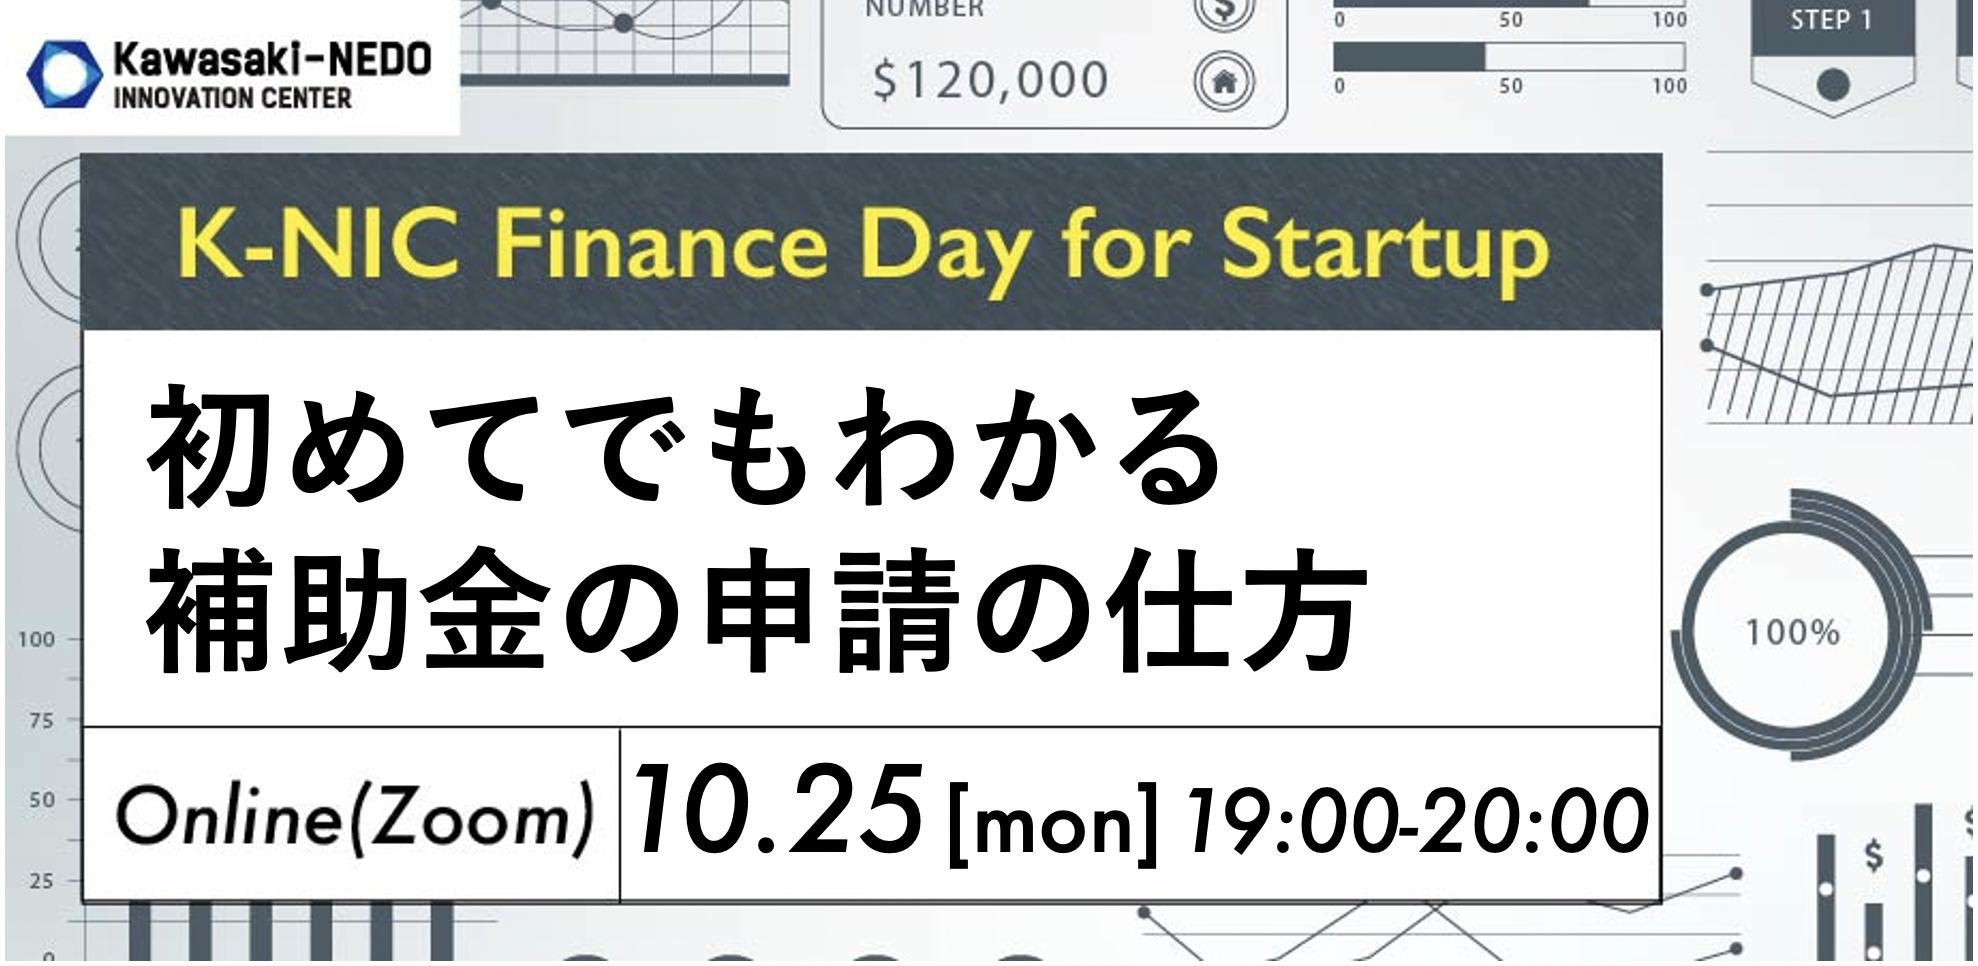 【10/25開催】K-NIC Finance Day for Startup 初めてでもわかる 補助金の申請の仕方